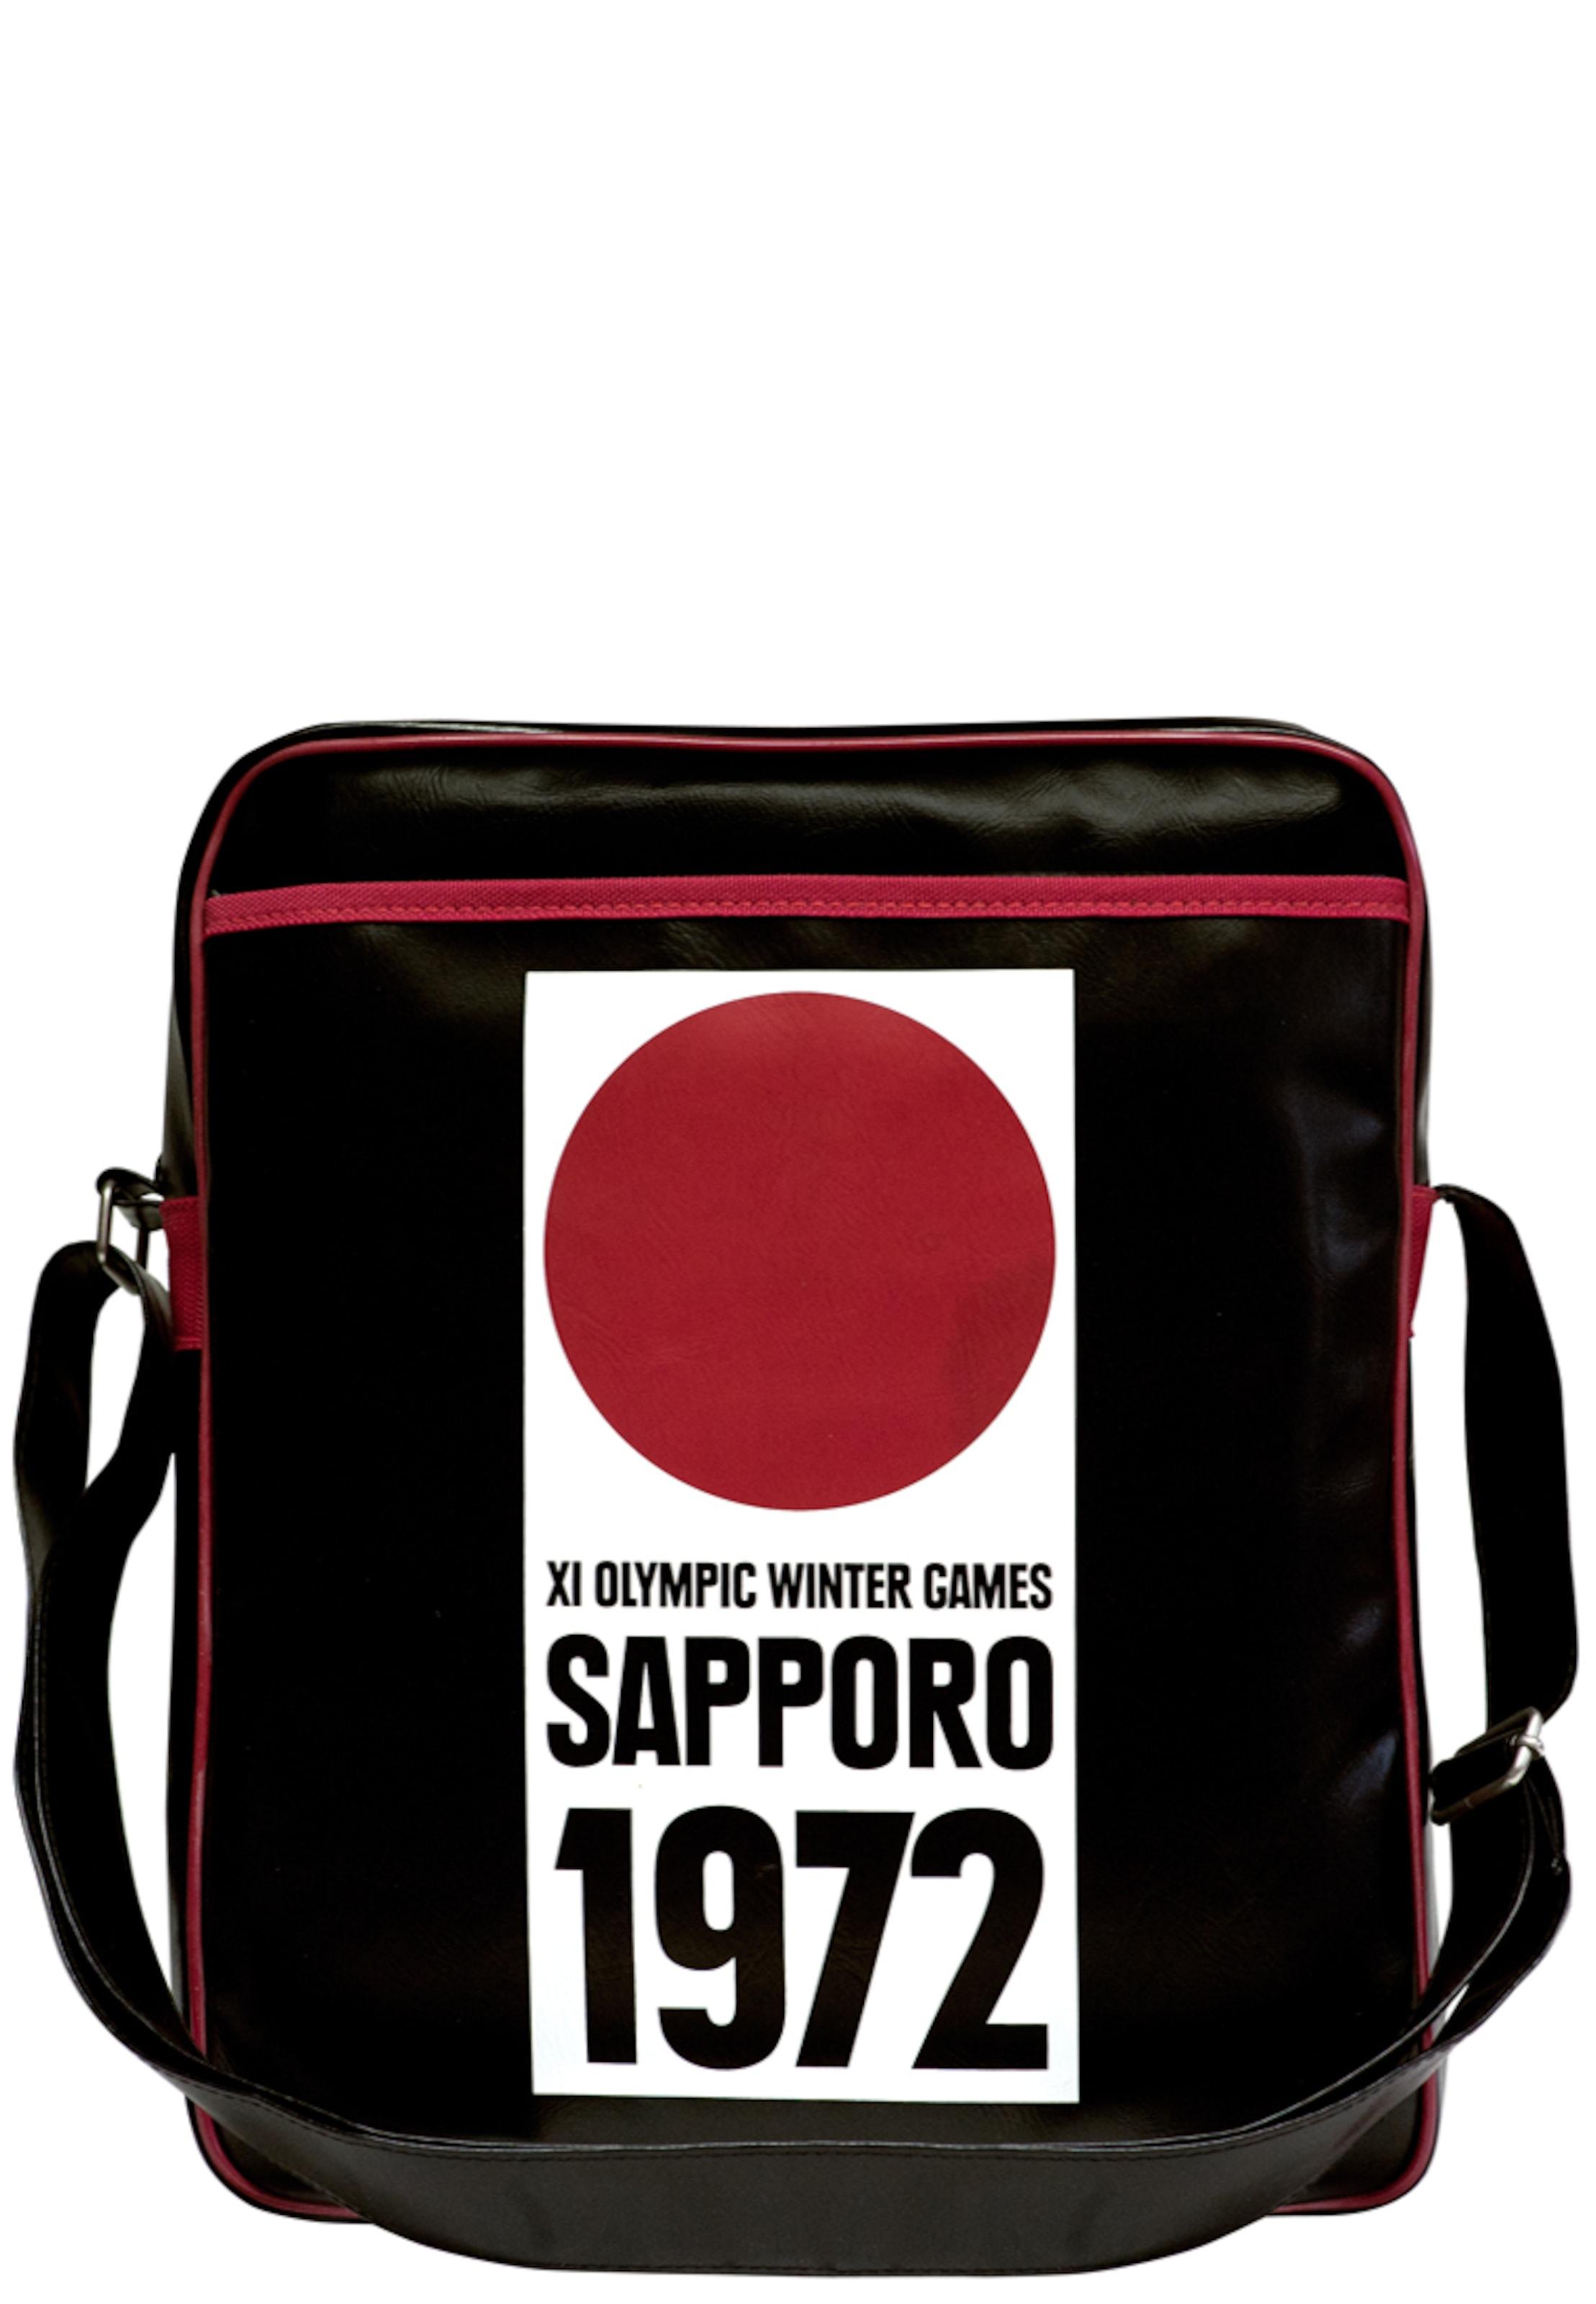 Tasche Winterspiele In 'sapporo RotSchwarz Weiß Logoshirt 1972' Olympische QordxCBeWE